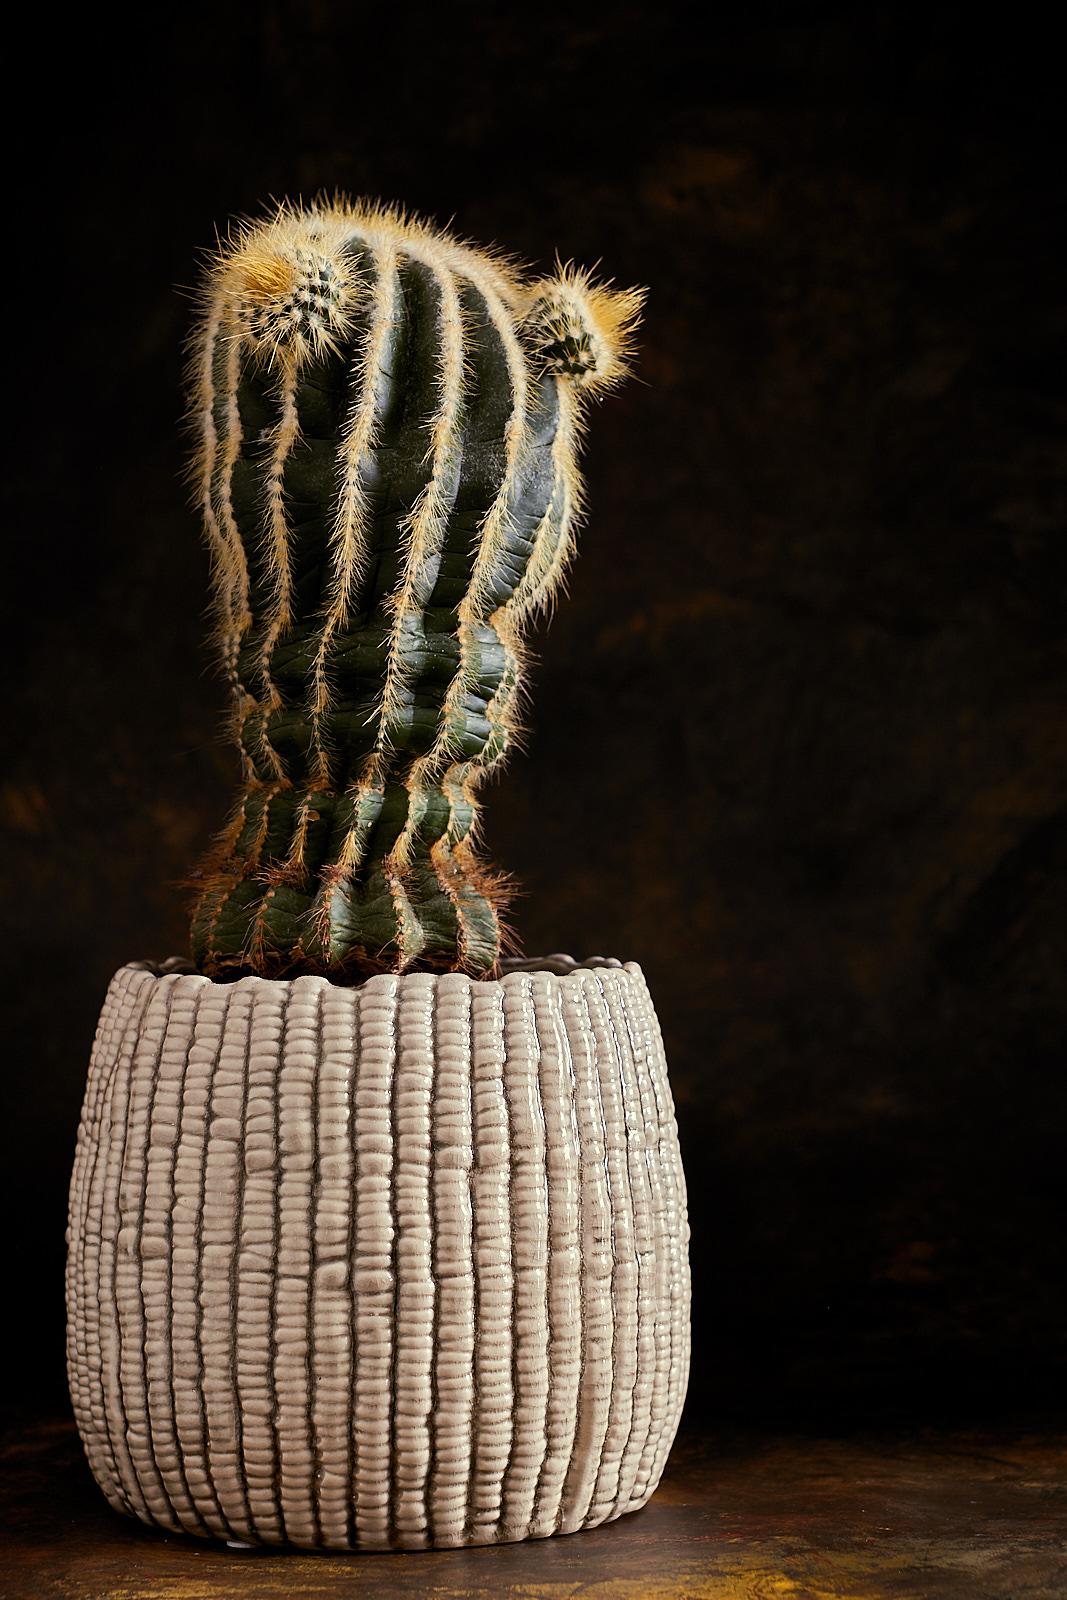 Cactus0257-1600w